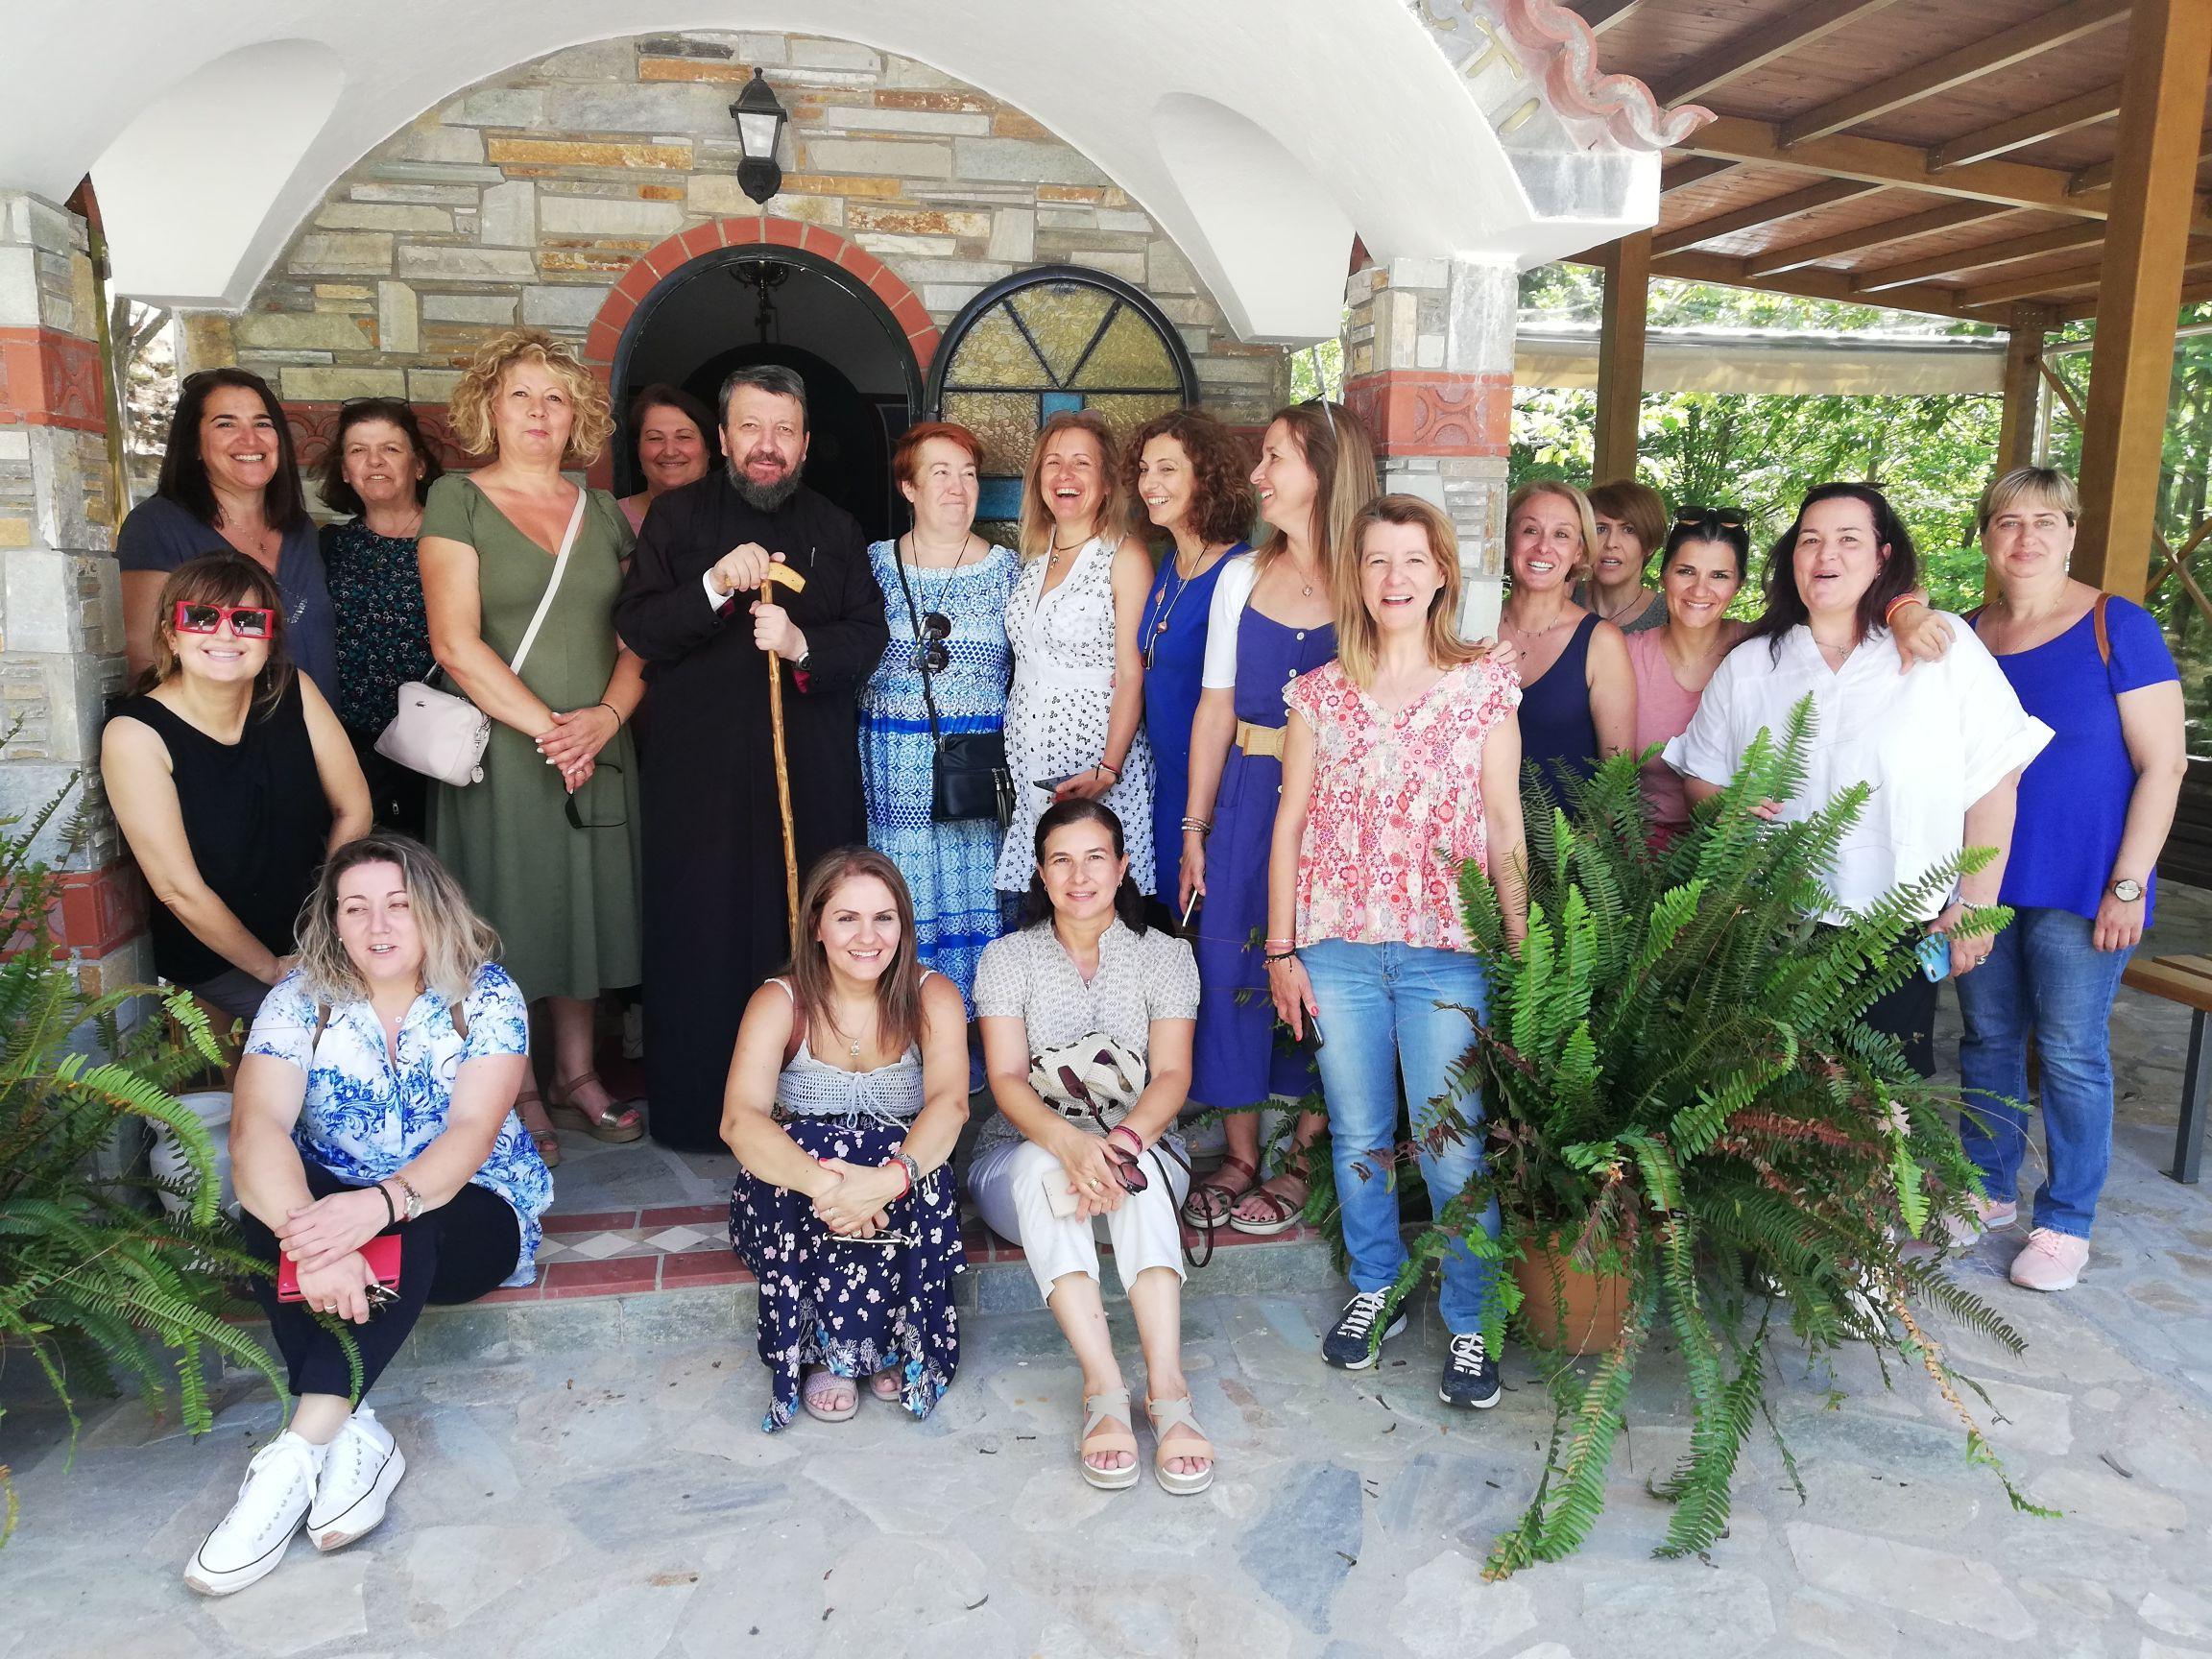 Καλοκαίρι 2021: 1η ημερήσια εκδρομή στην Κατασκήνωση